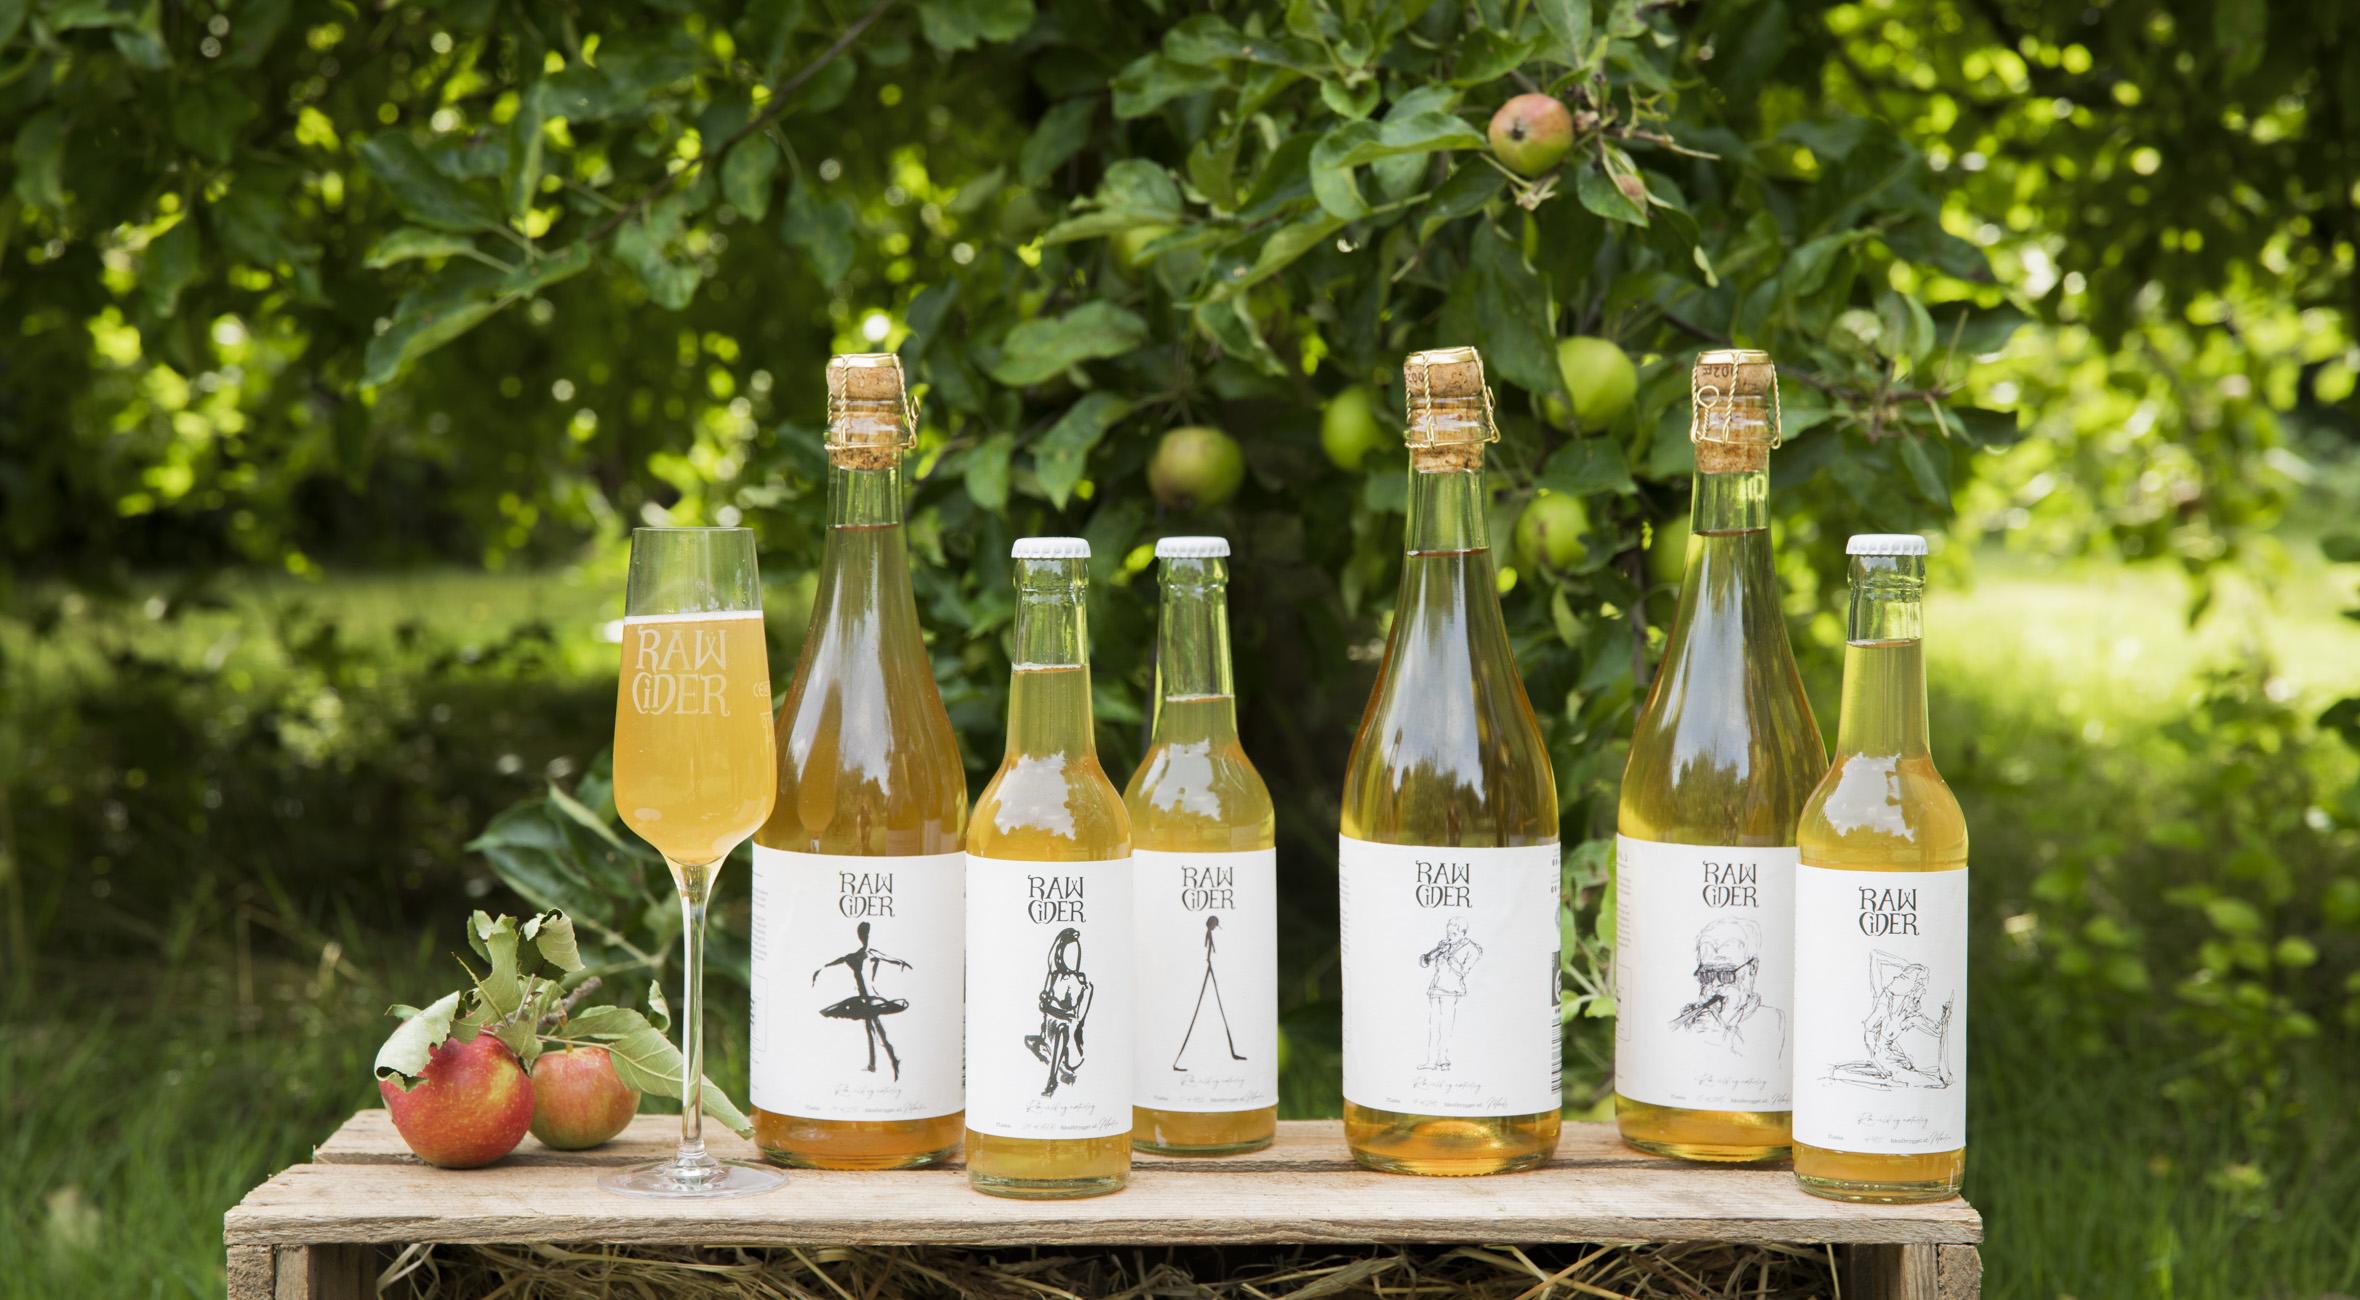 Frit valg til alt hos Raw Cider – Prisvindende cideri har åbnet pop-up shop på Nørrebro